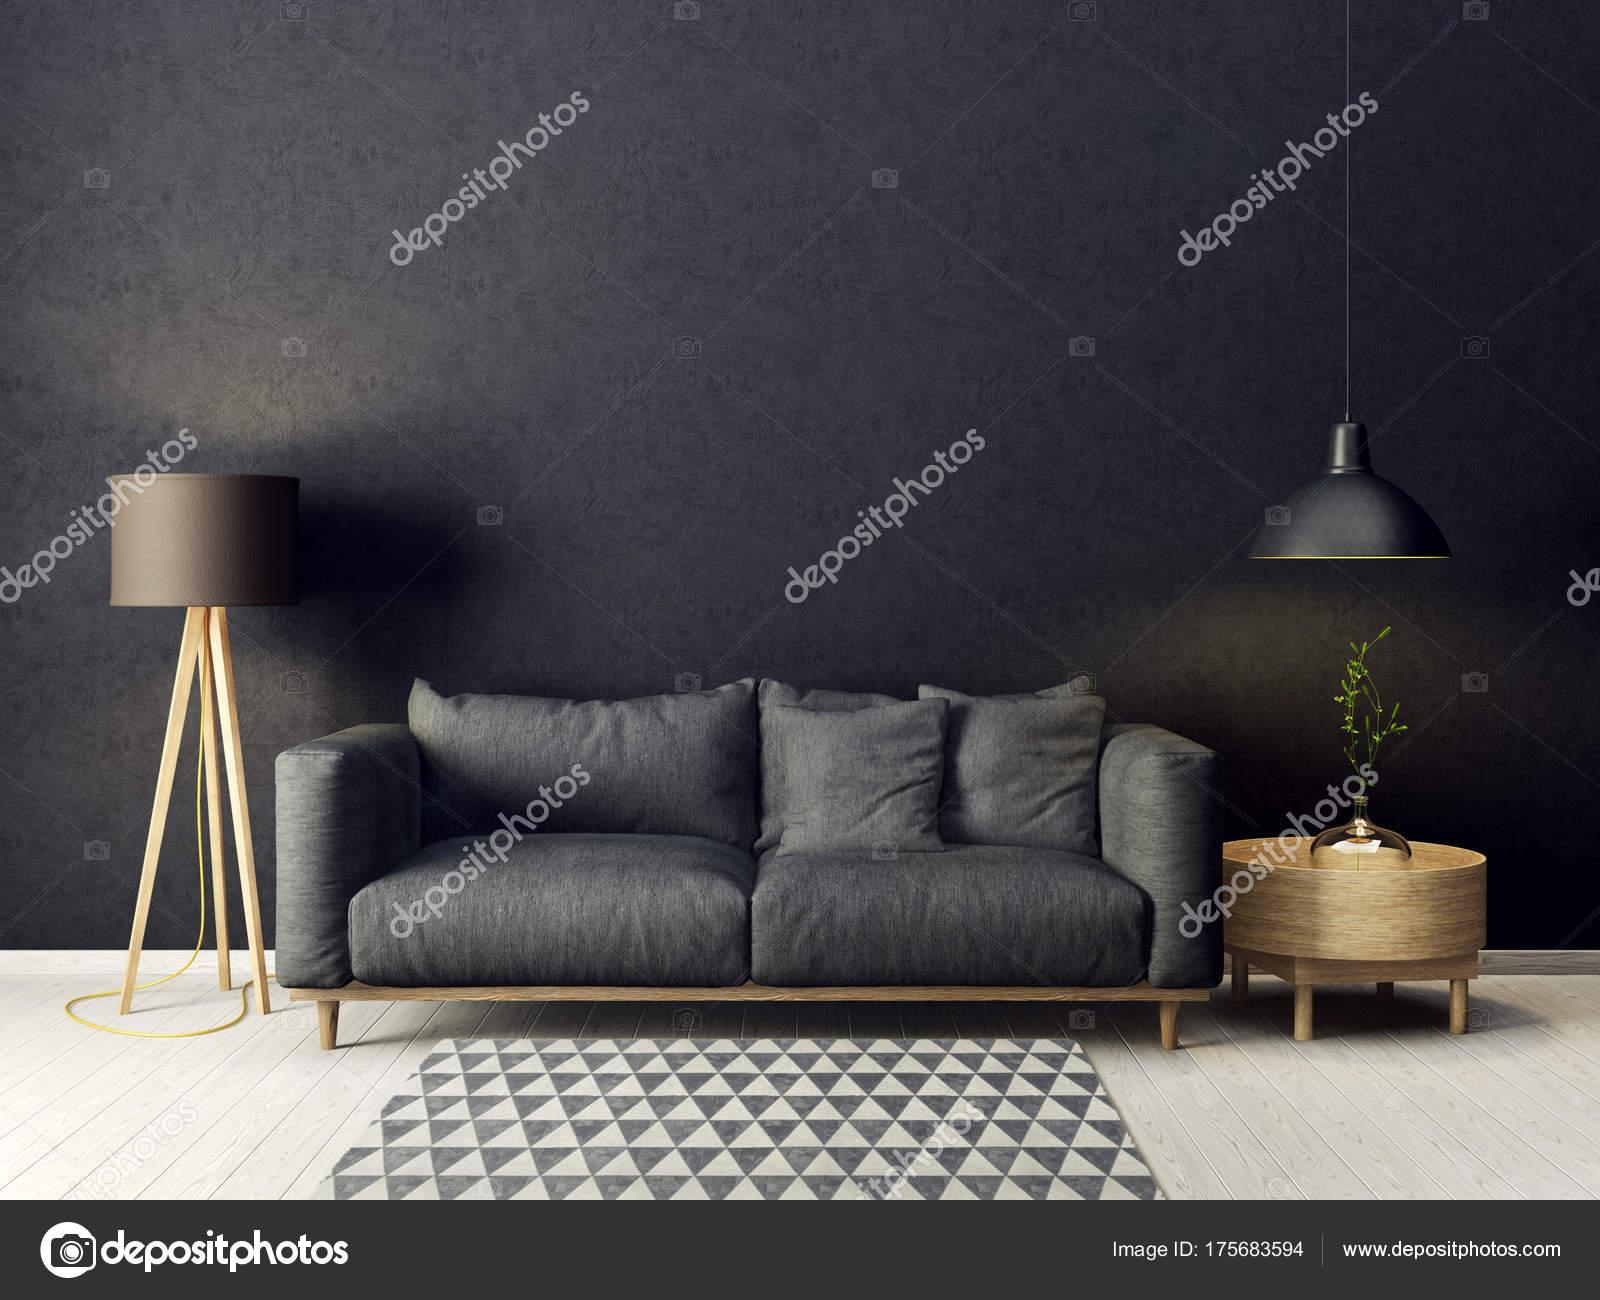 Design Woonkamer Lampen : Moderne woonkamer met grijze bank lamp scandinavisch interieur